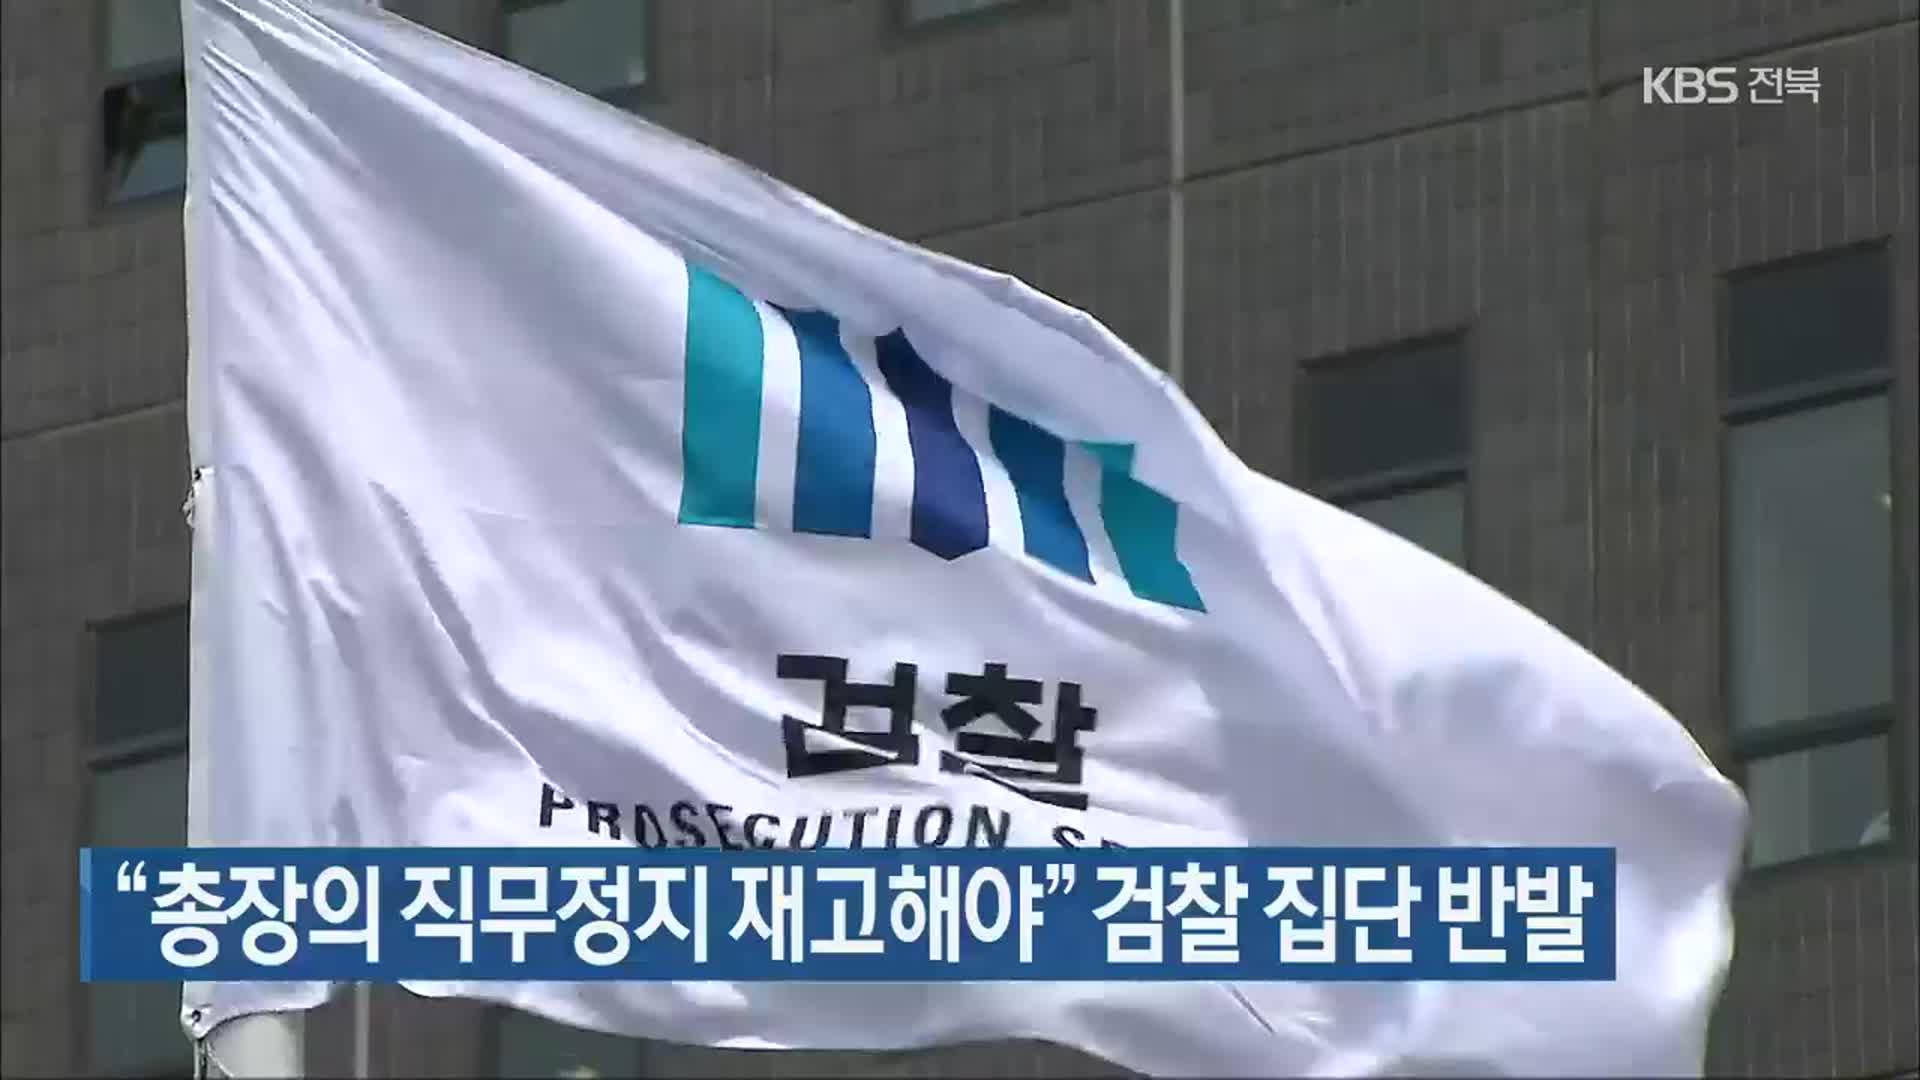 """총장의 직무정지 재고해야"""" 검찰 집단 반발"""